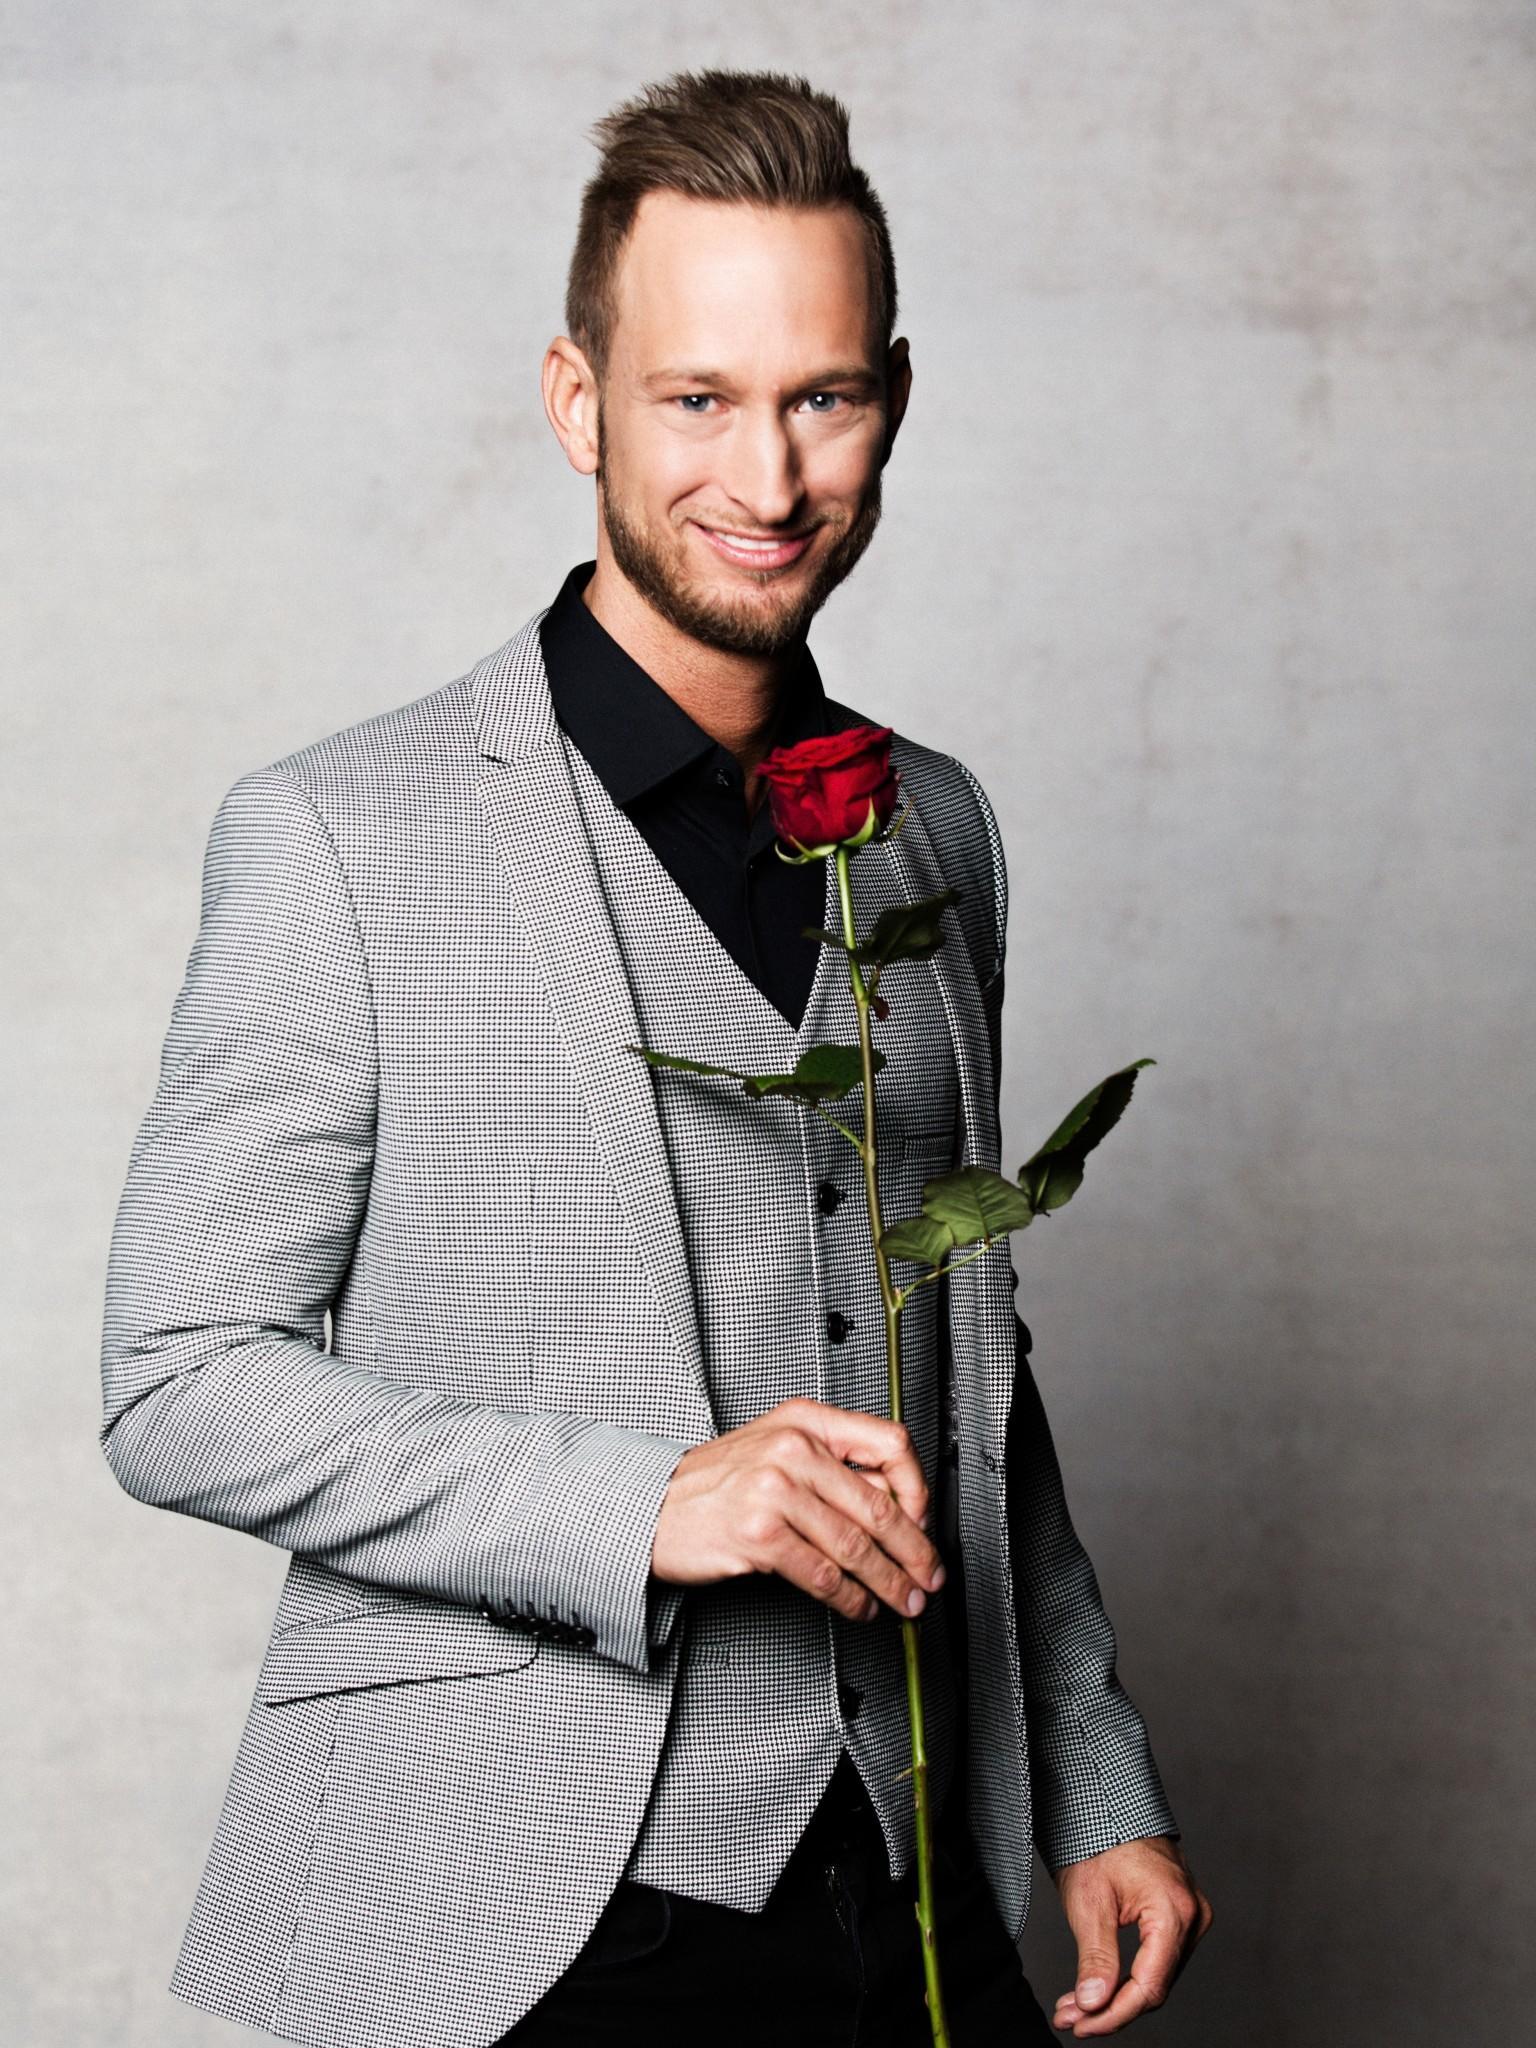 slutty face singlereisen für frauen ab 50 what and younger